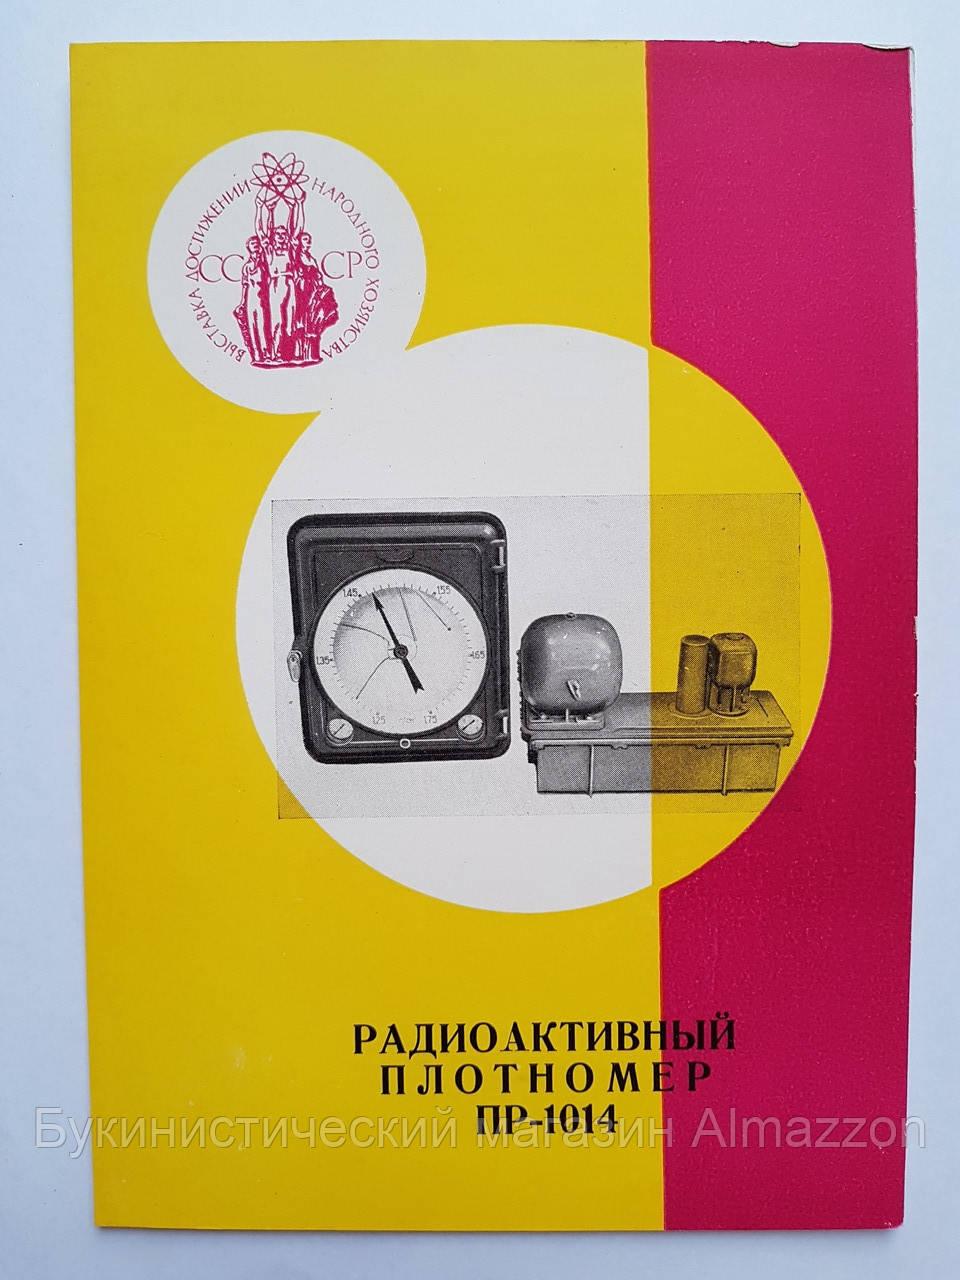 Реклама ВДНХ Радиоактивный плотномер ПР-1014. 1961г.